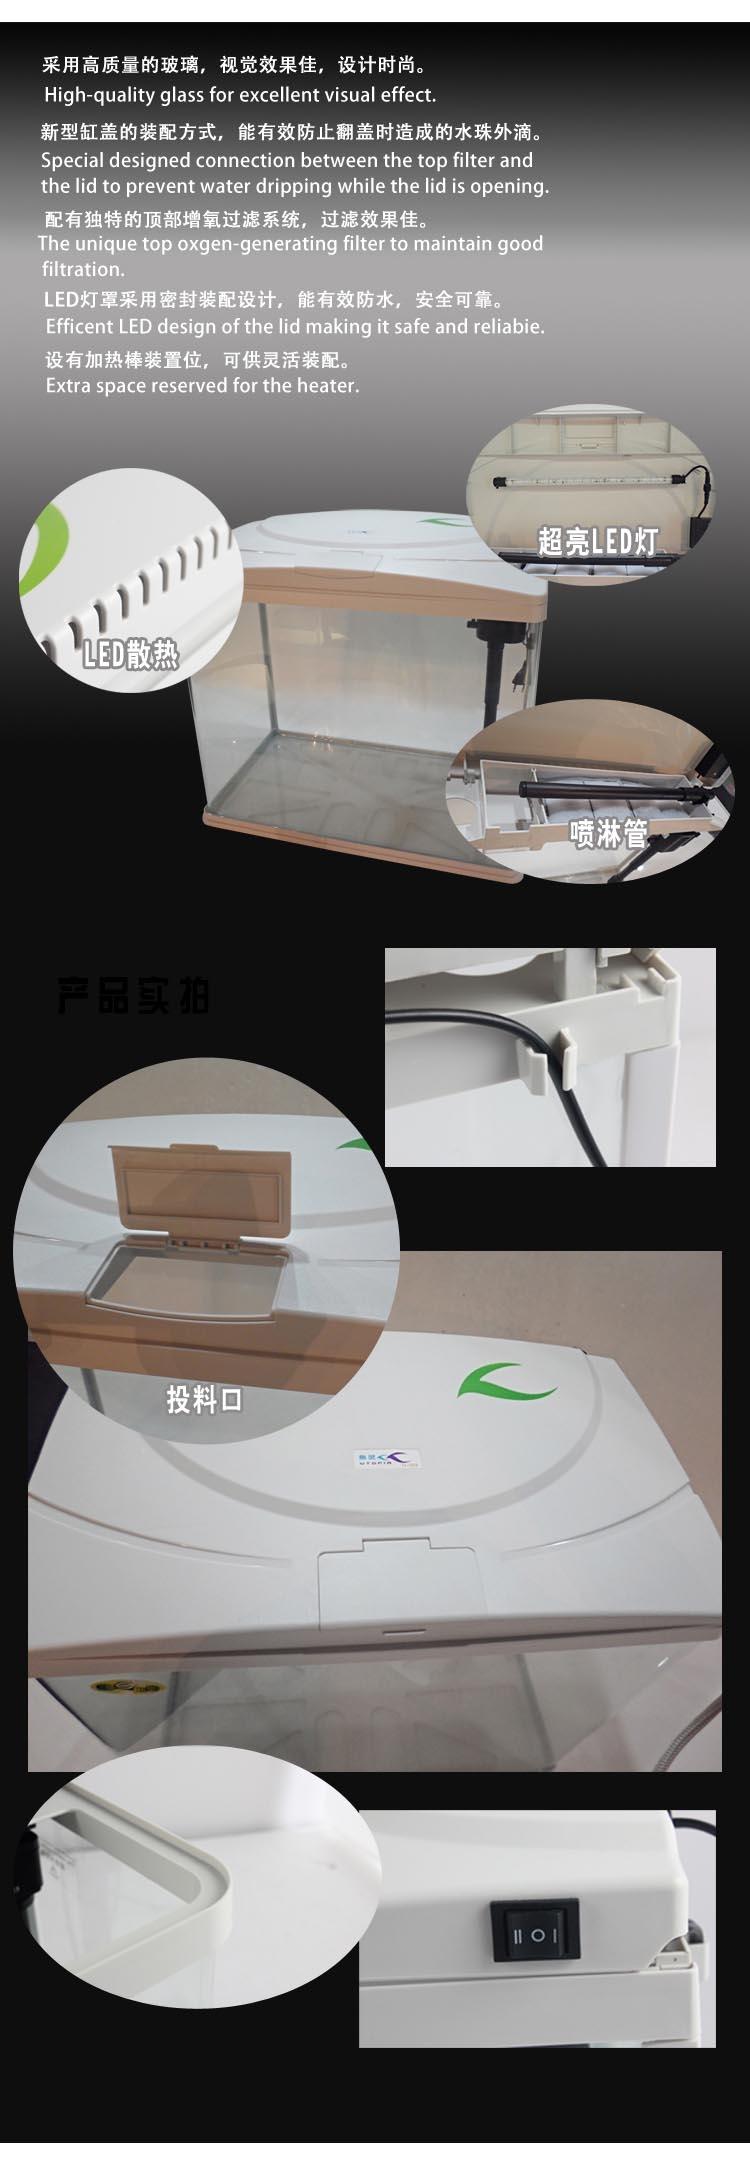 鱼灵 玻璃水族箱鱼缸TL-528 52cm长